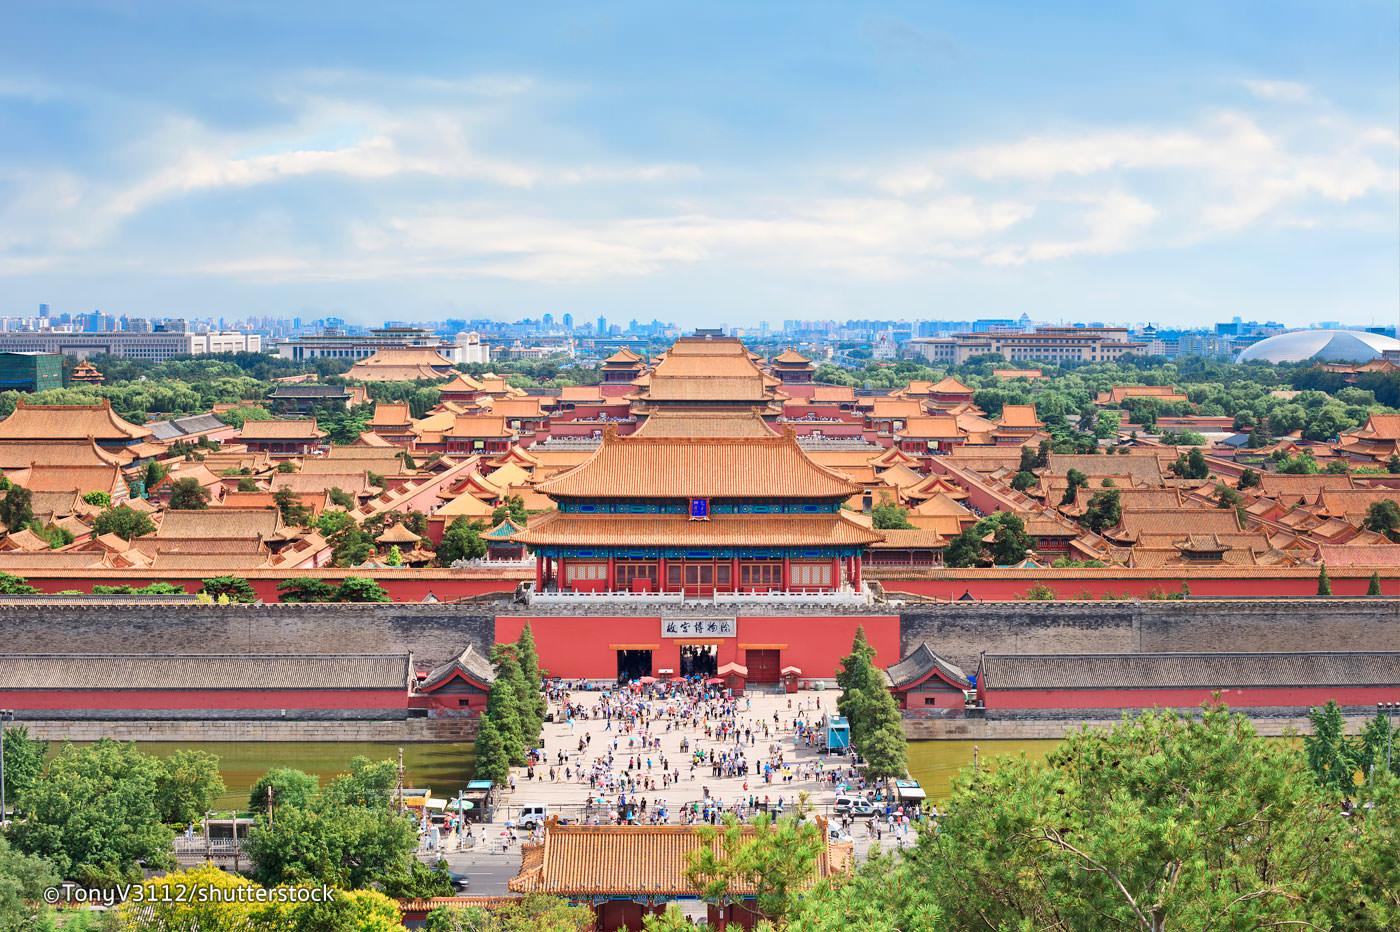 ที่เที่ยว ปักกิ่ง ทัวร์จีน